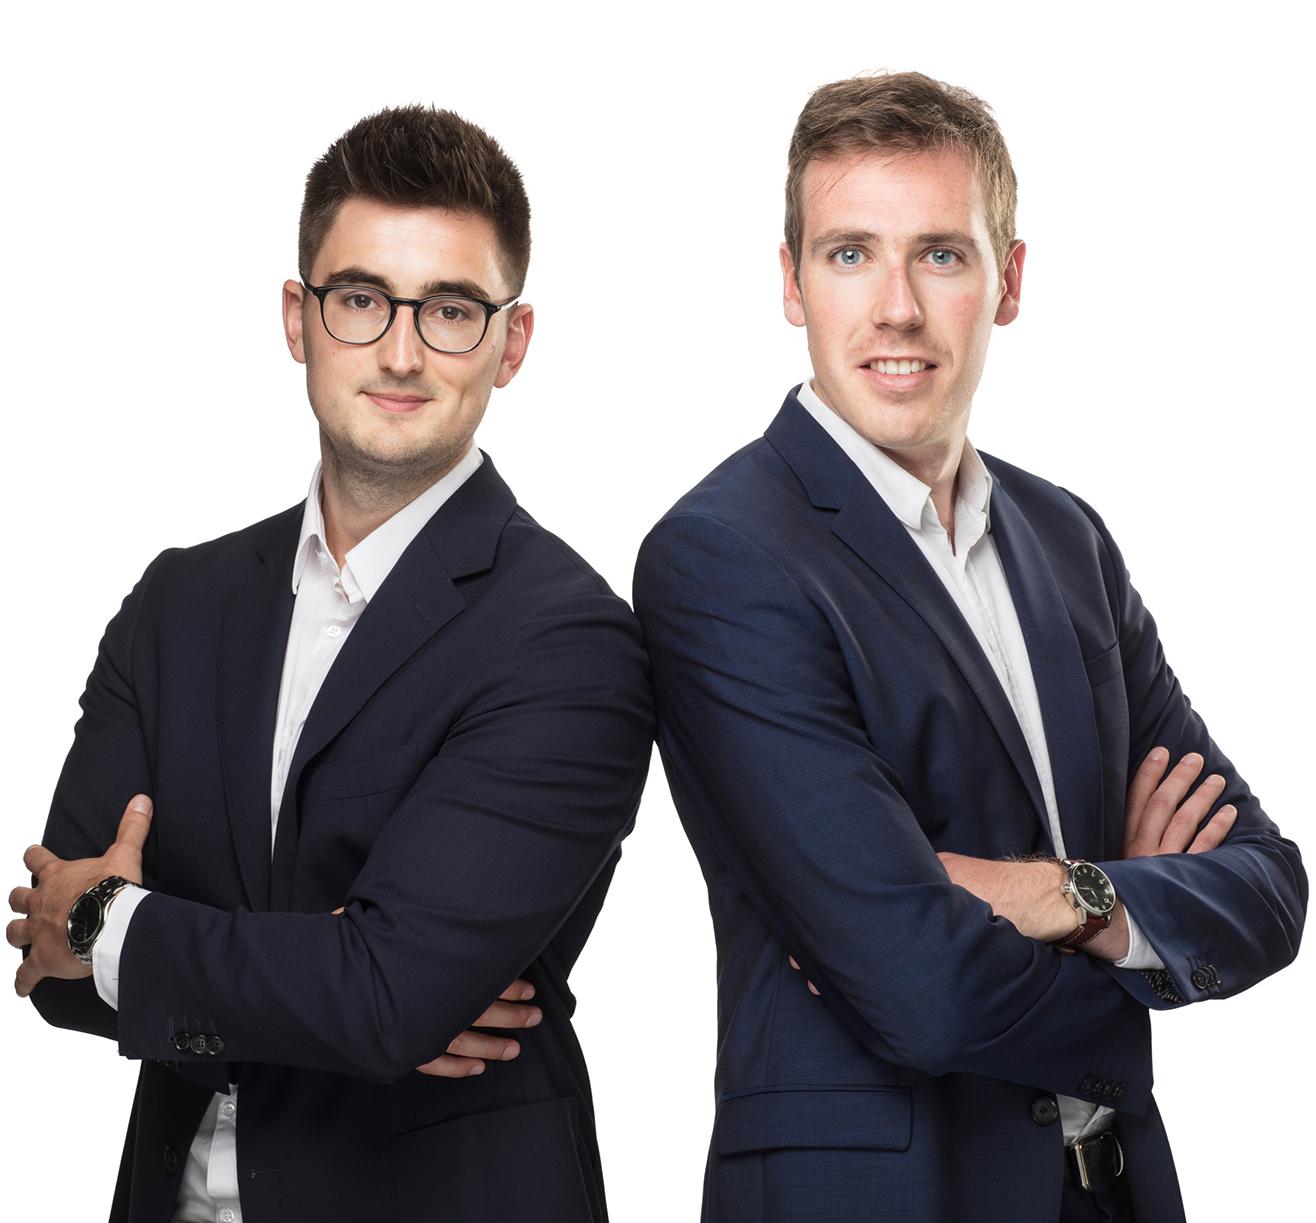 Roel en Giel, medewerkers van Ondernemingscoach bvba